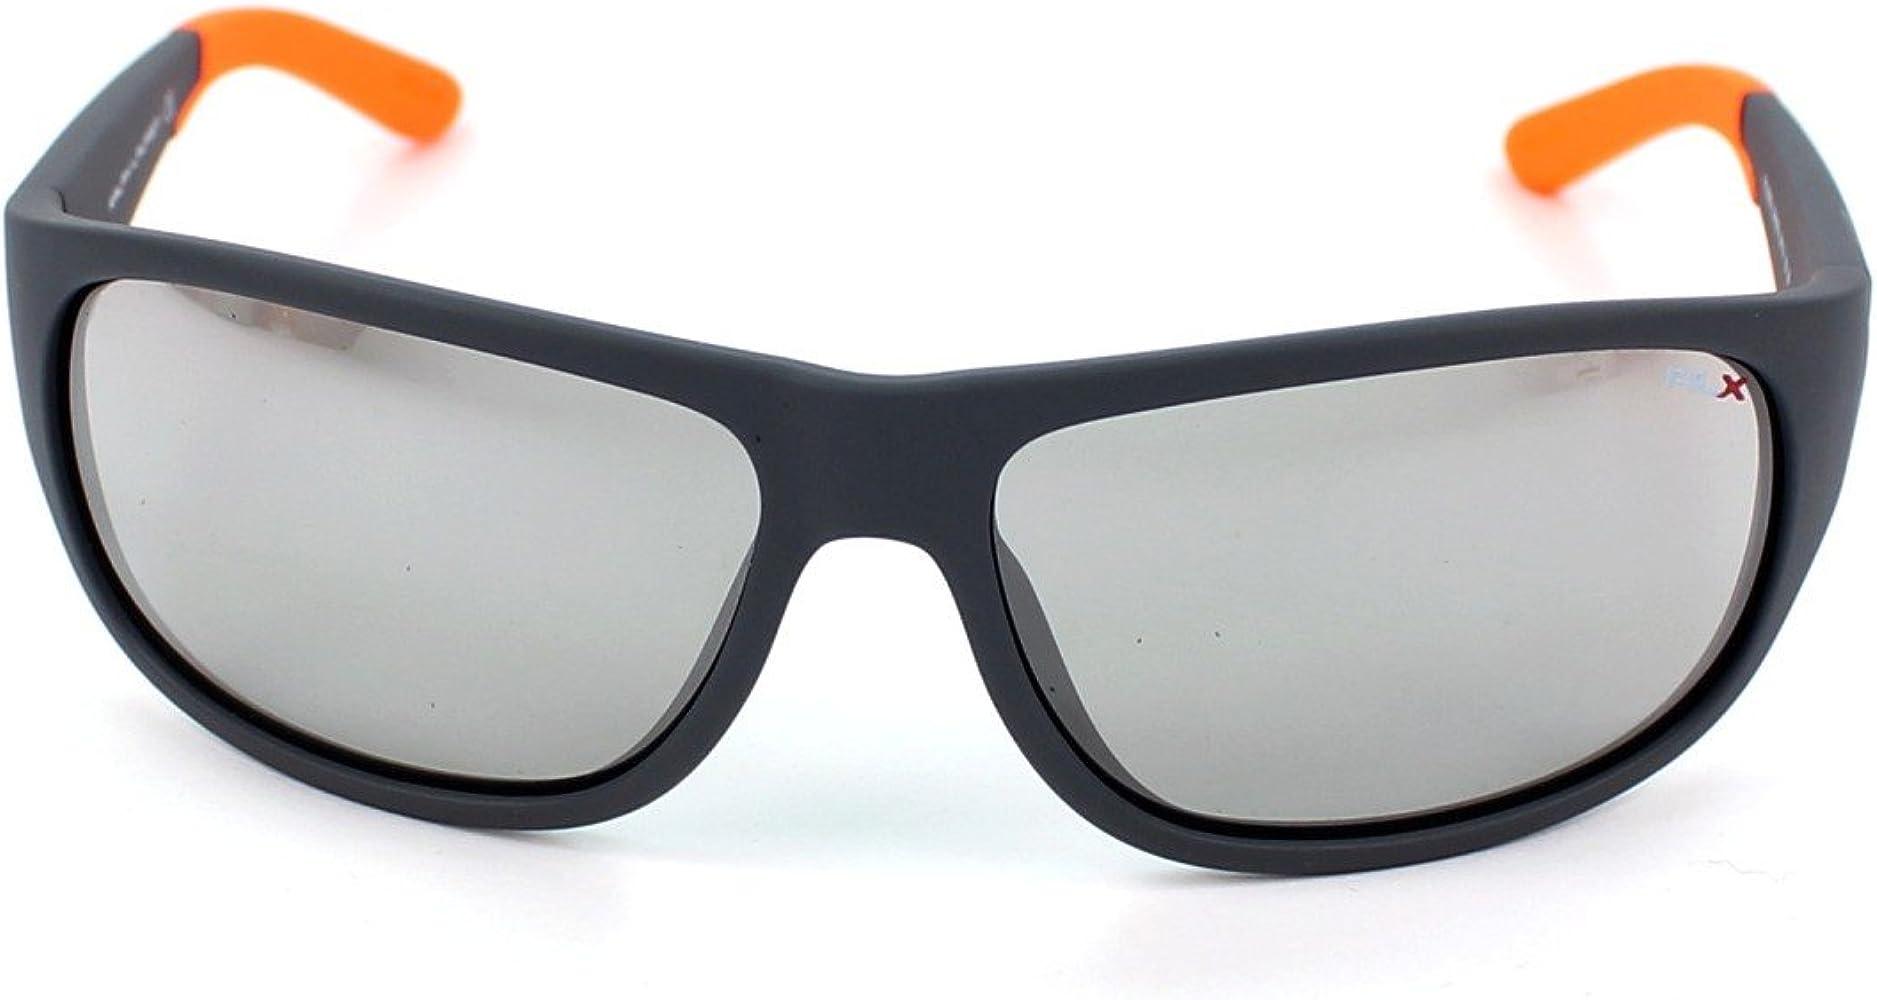 Gafas de sol Polo Ralph Lauren PH 4068 X: Amazon.es: Ropa y accesorios